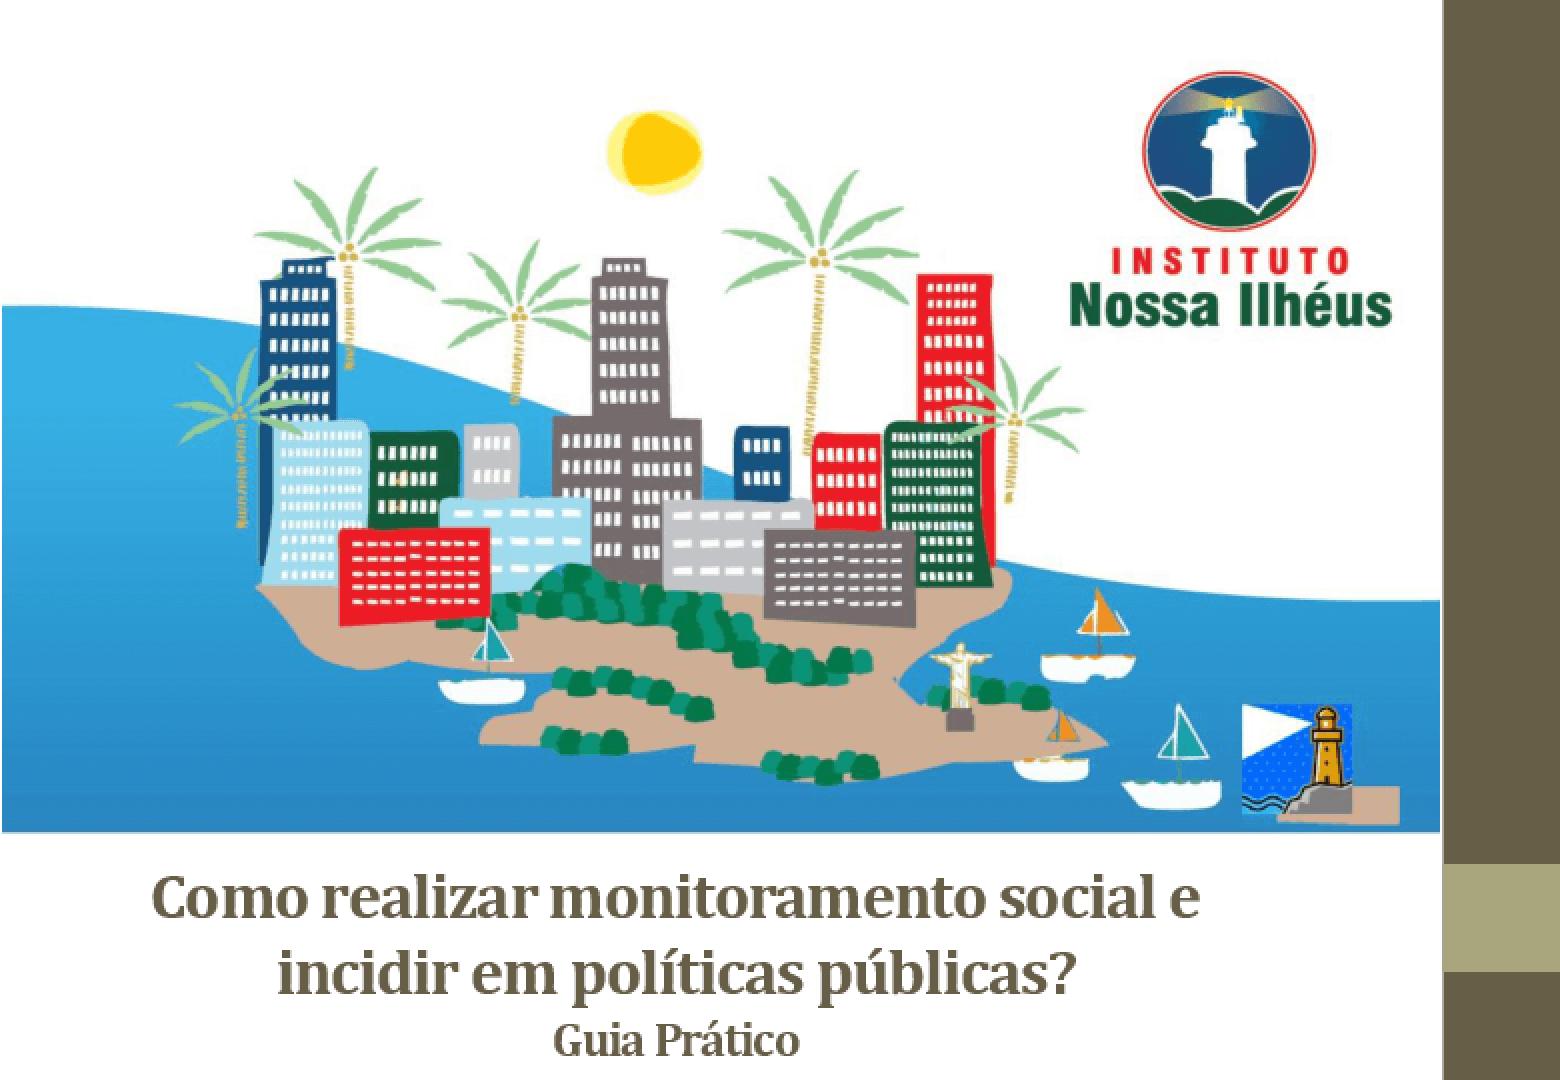 Guia prático: como fazer monitoramento social e incidir em políticas públicas?